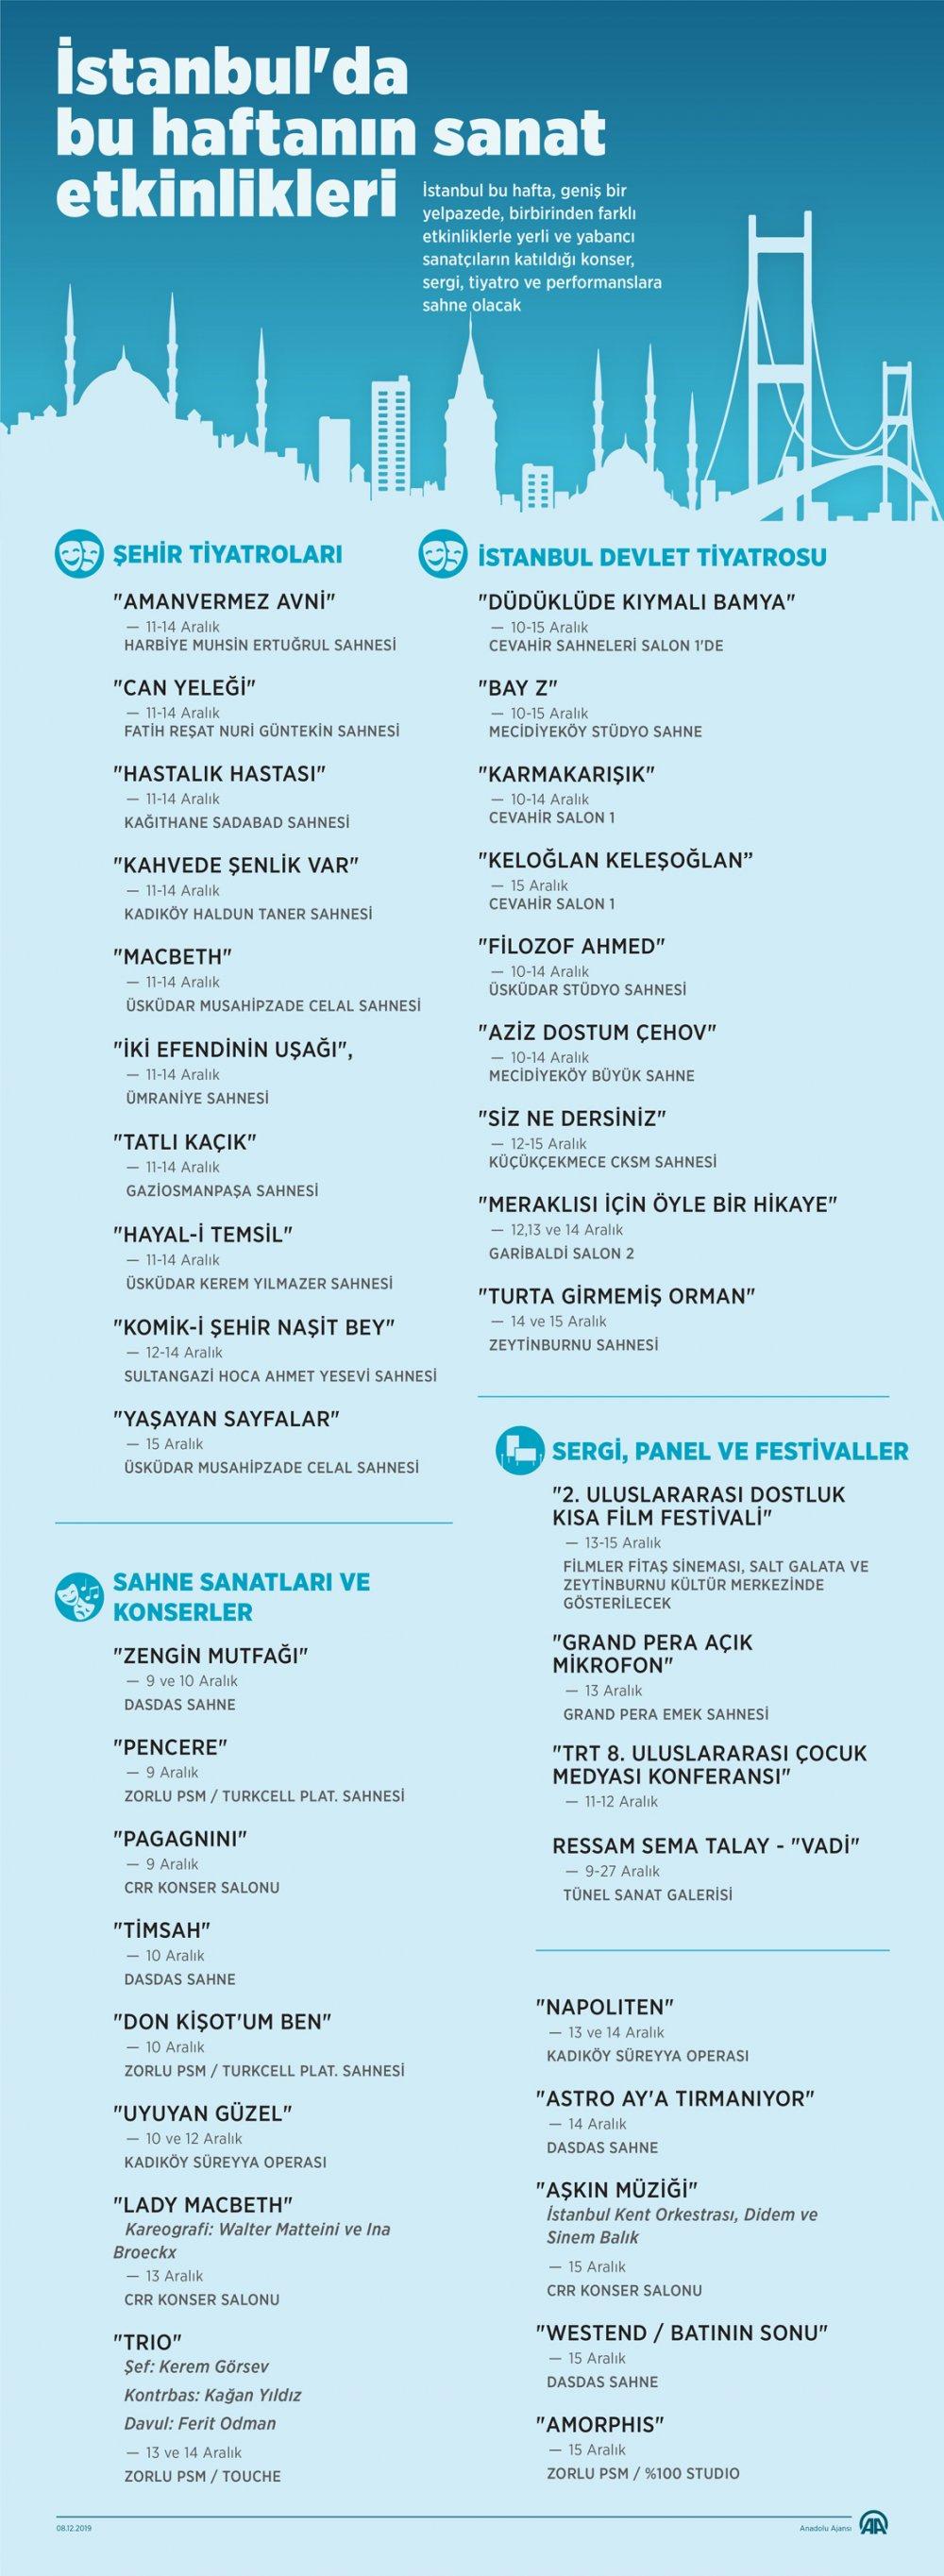 İstanbul'da bu hafta hangi kültürel faaliyetler var?